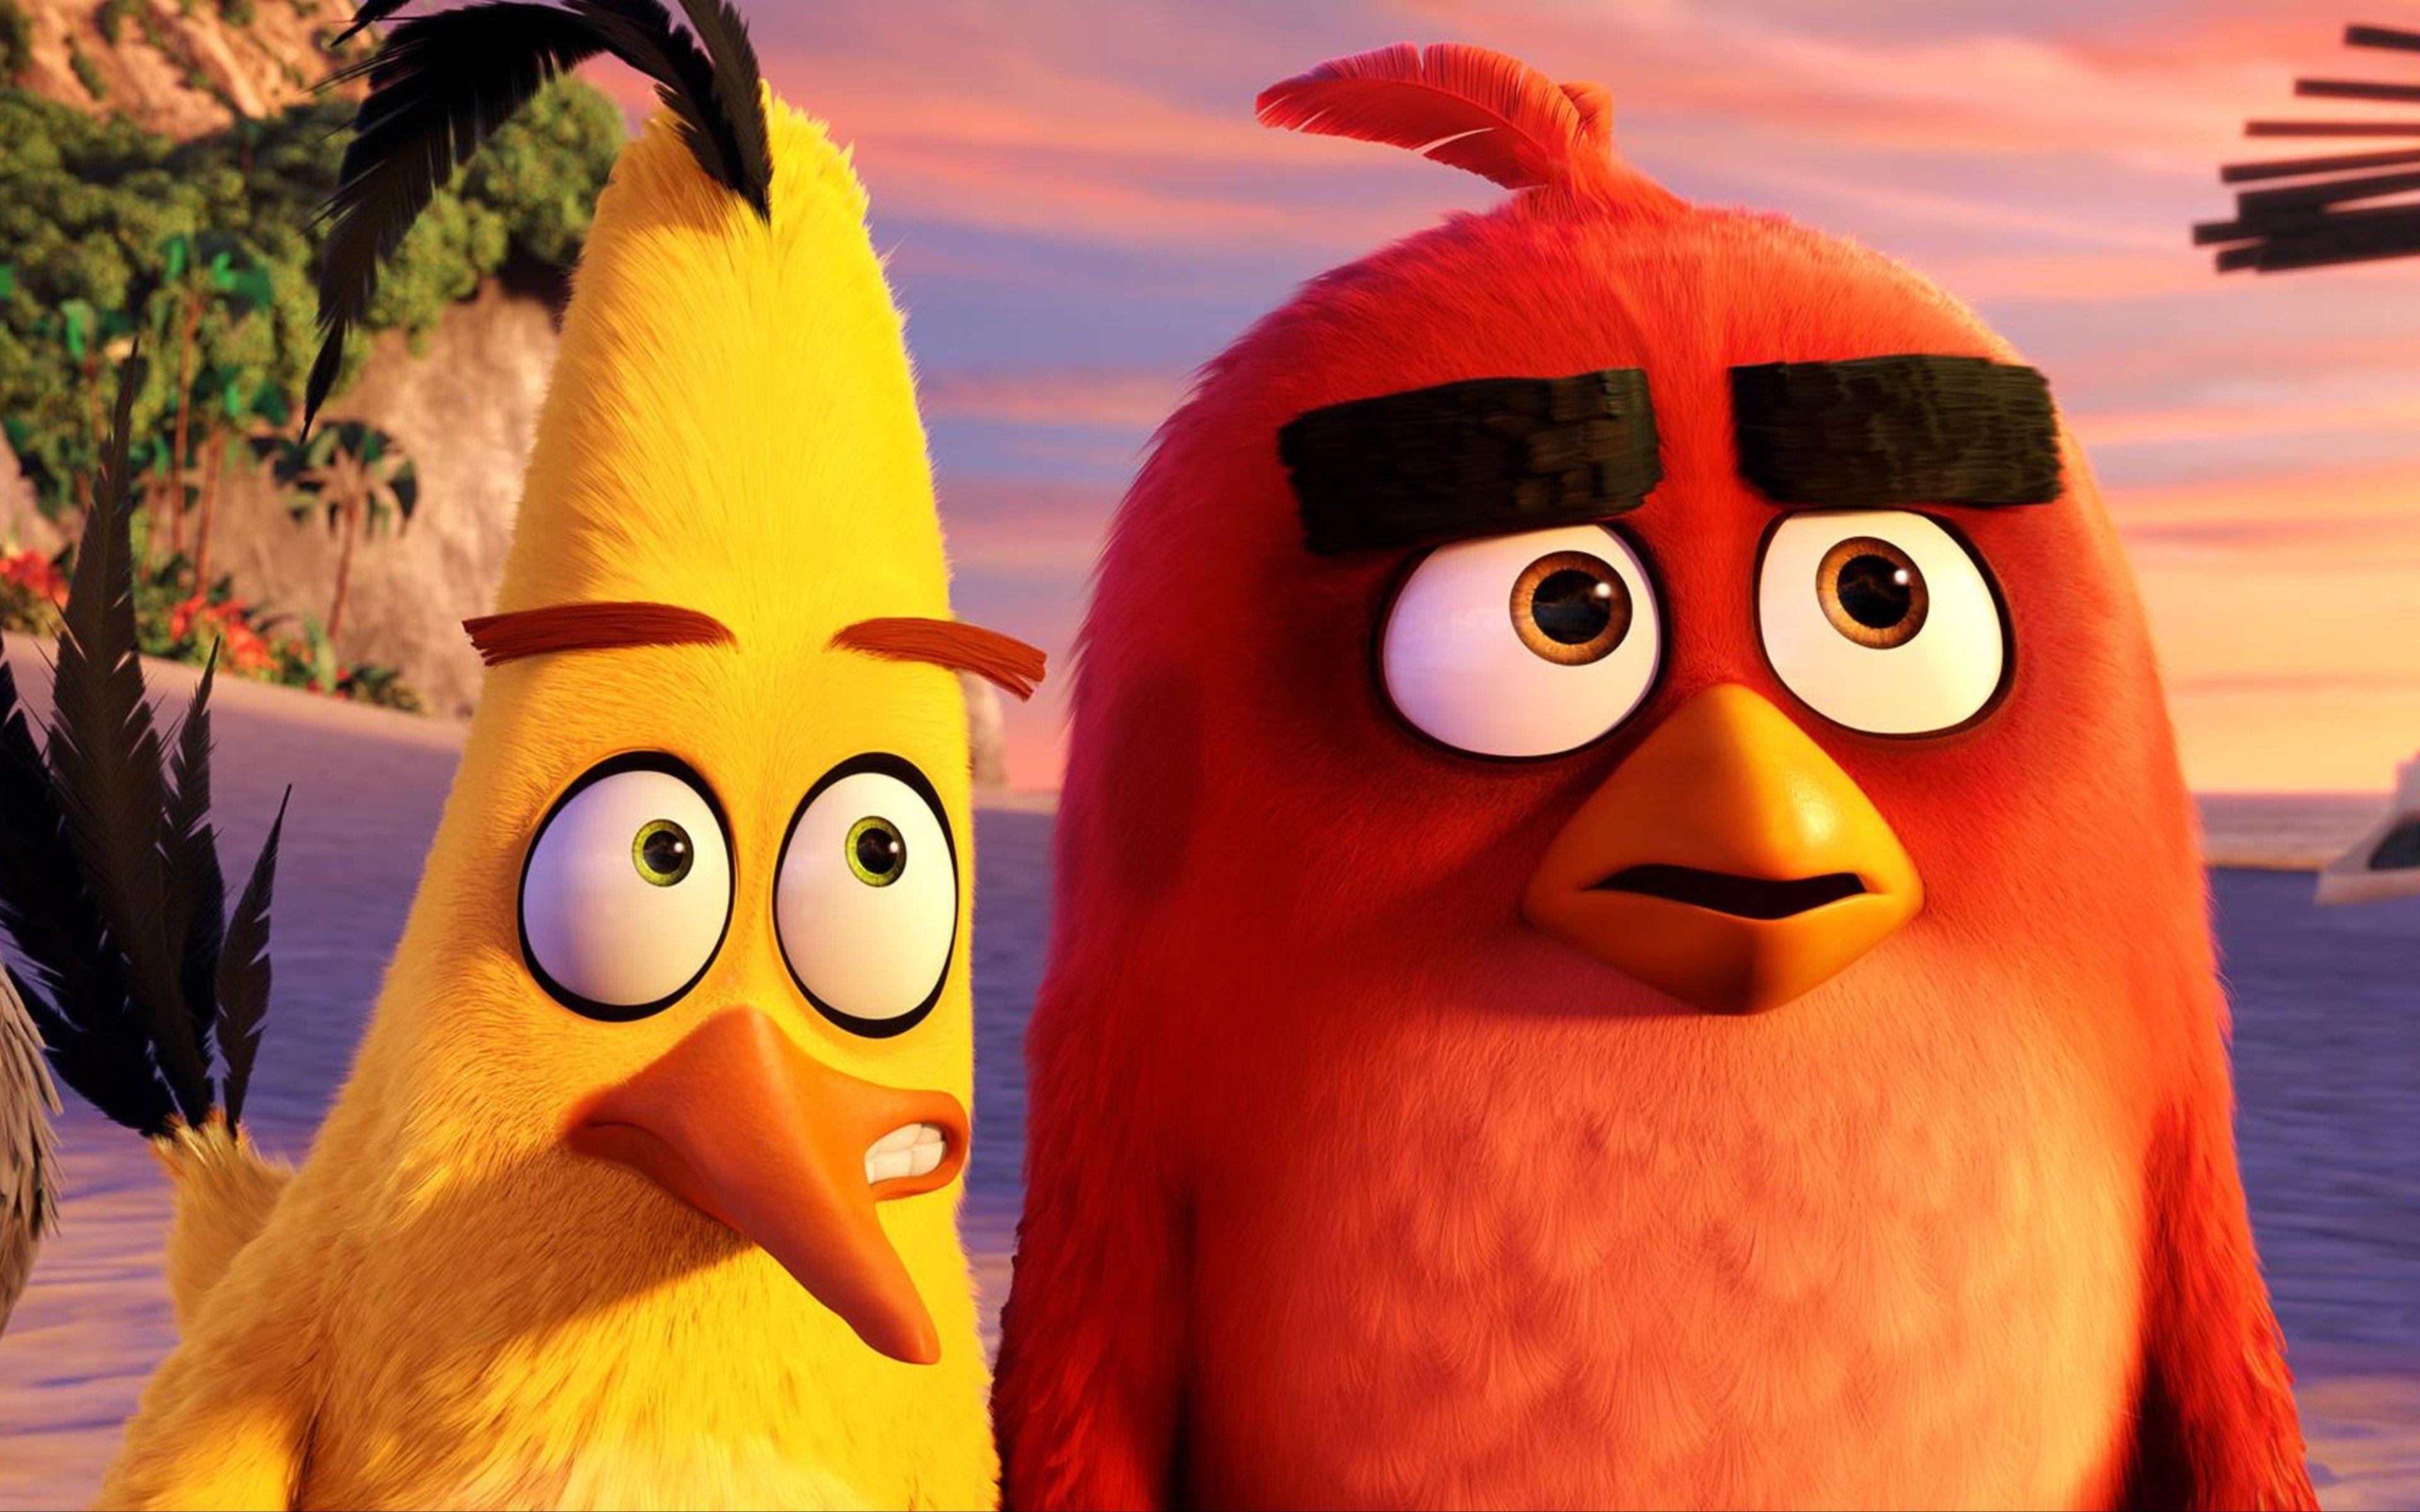 Fondos de pantalla Red y Chuck en Angry Birds